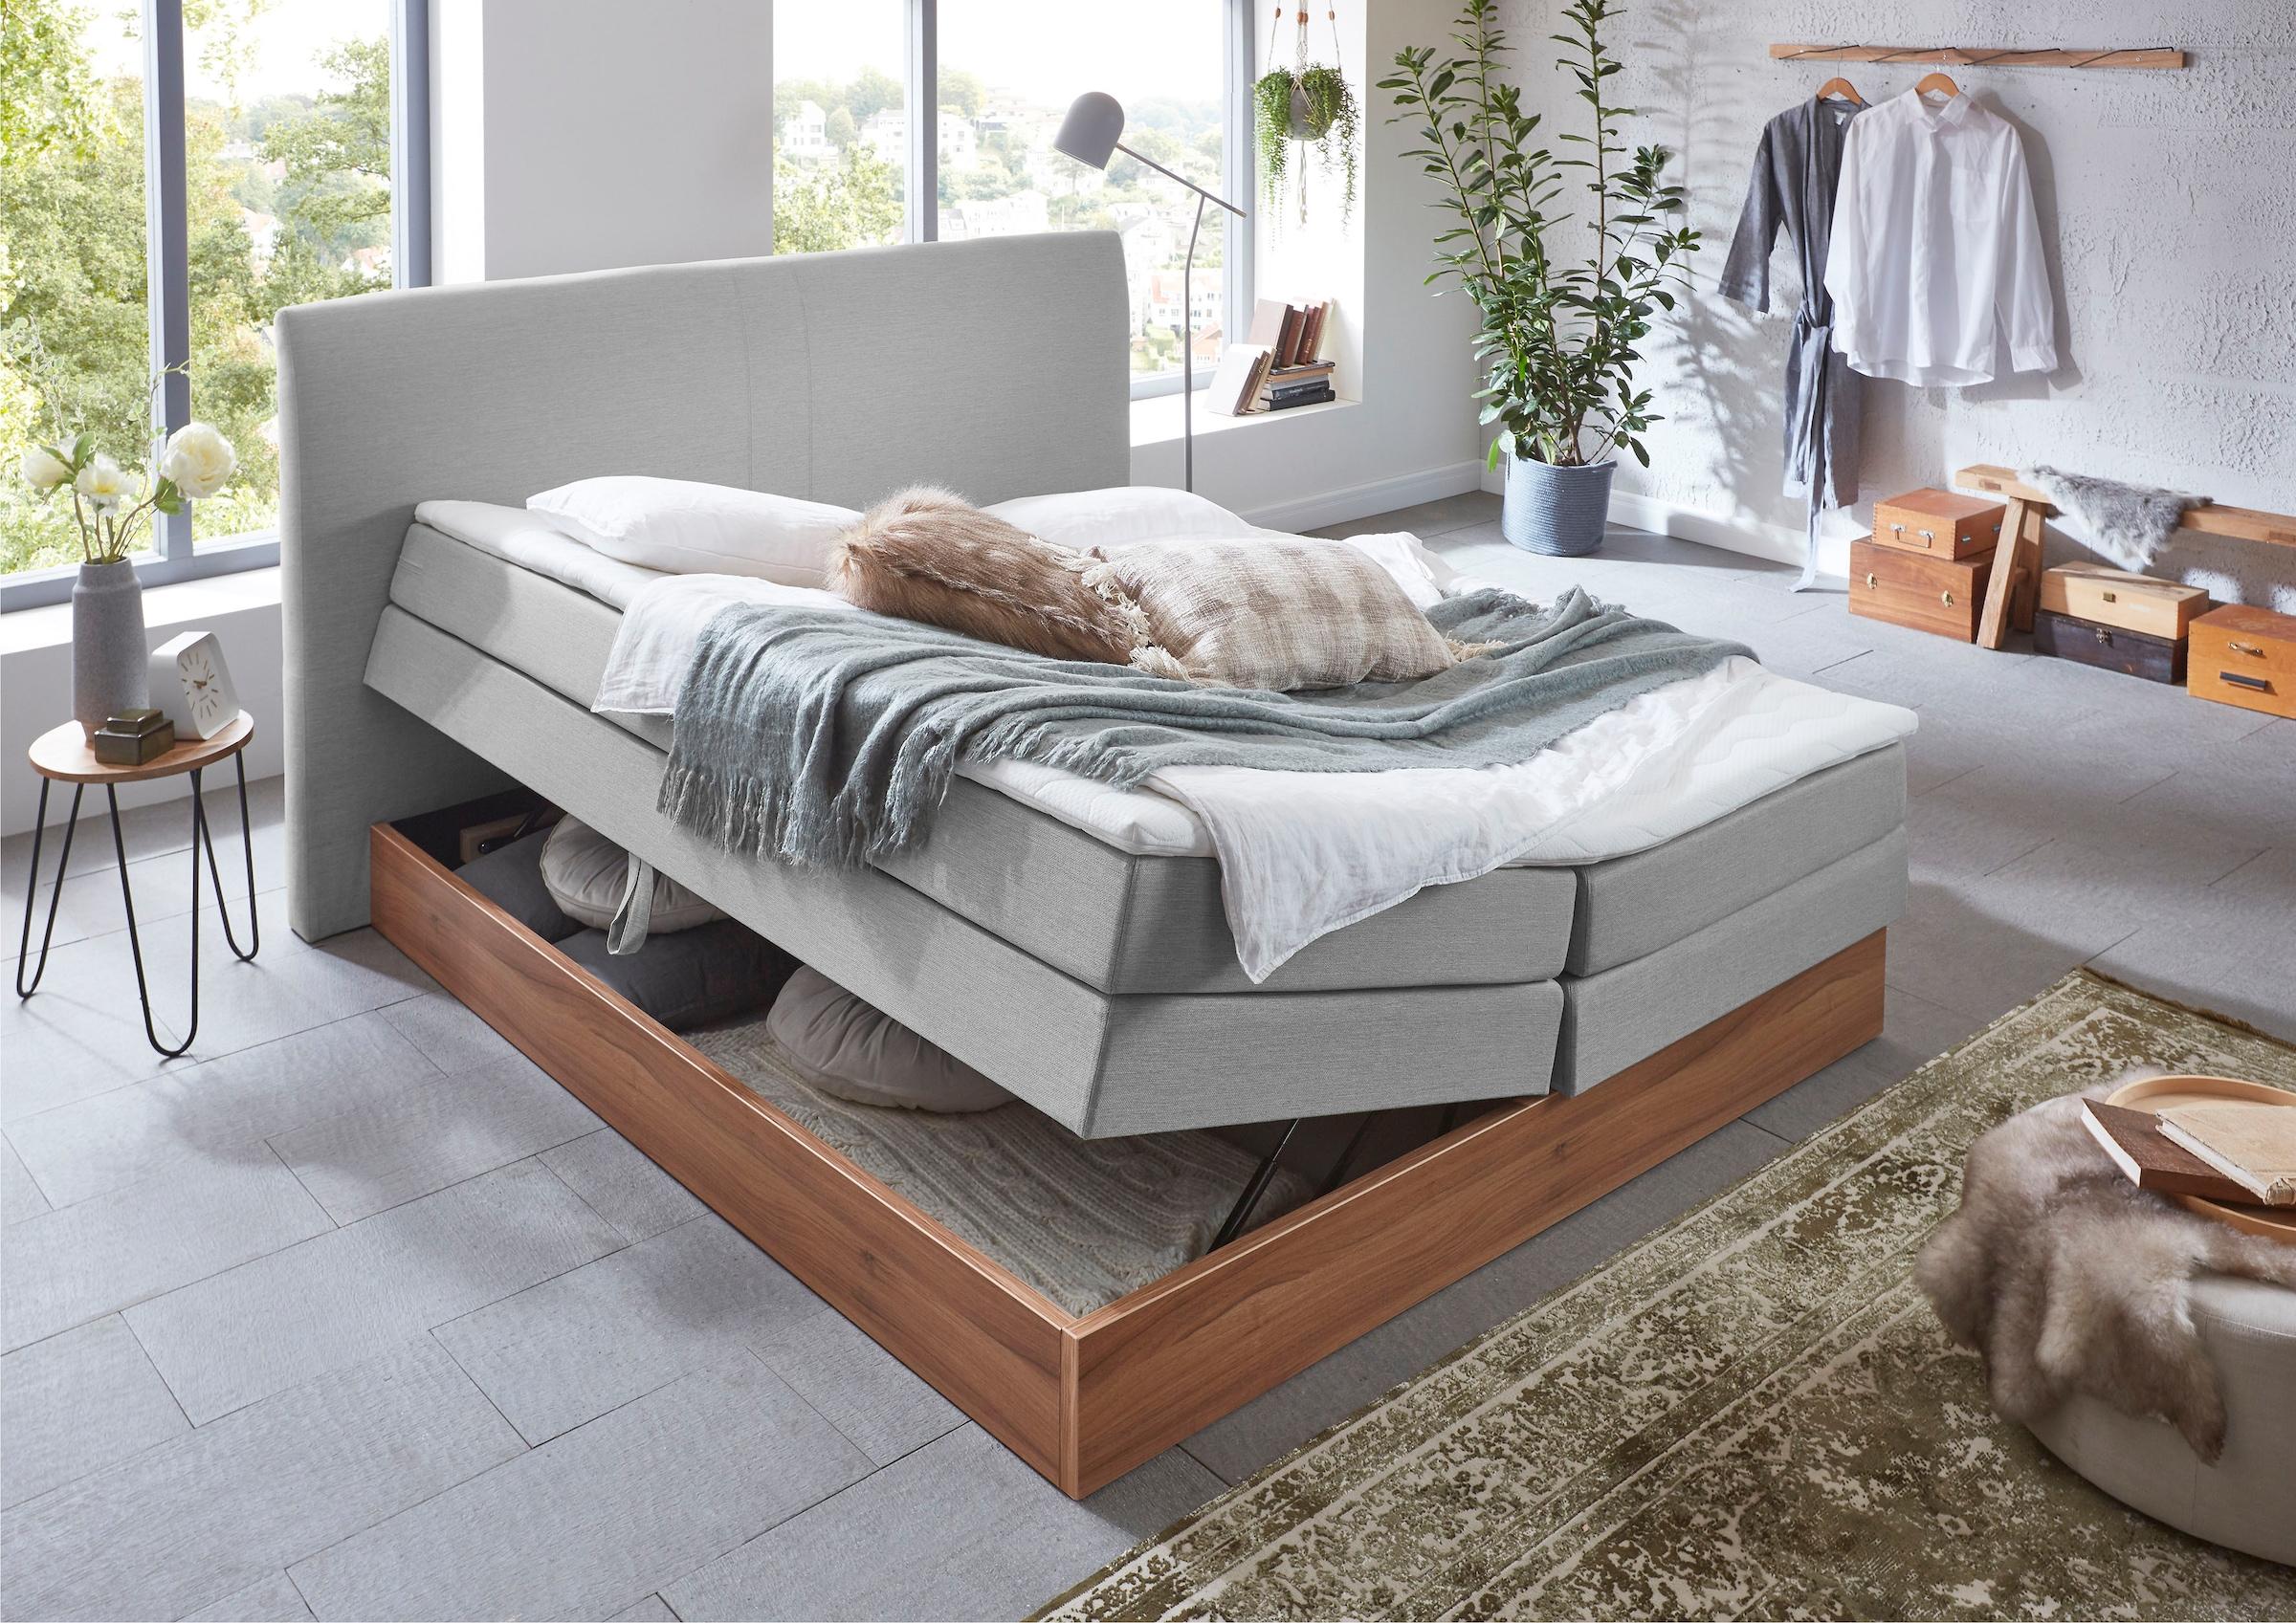 Premium collection by Home affaire Boxspringbett »Blomen«, mit Walnuss-Deko günstig online kaufen